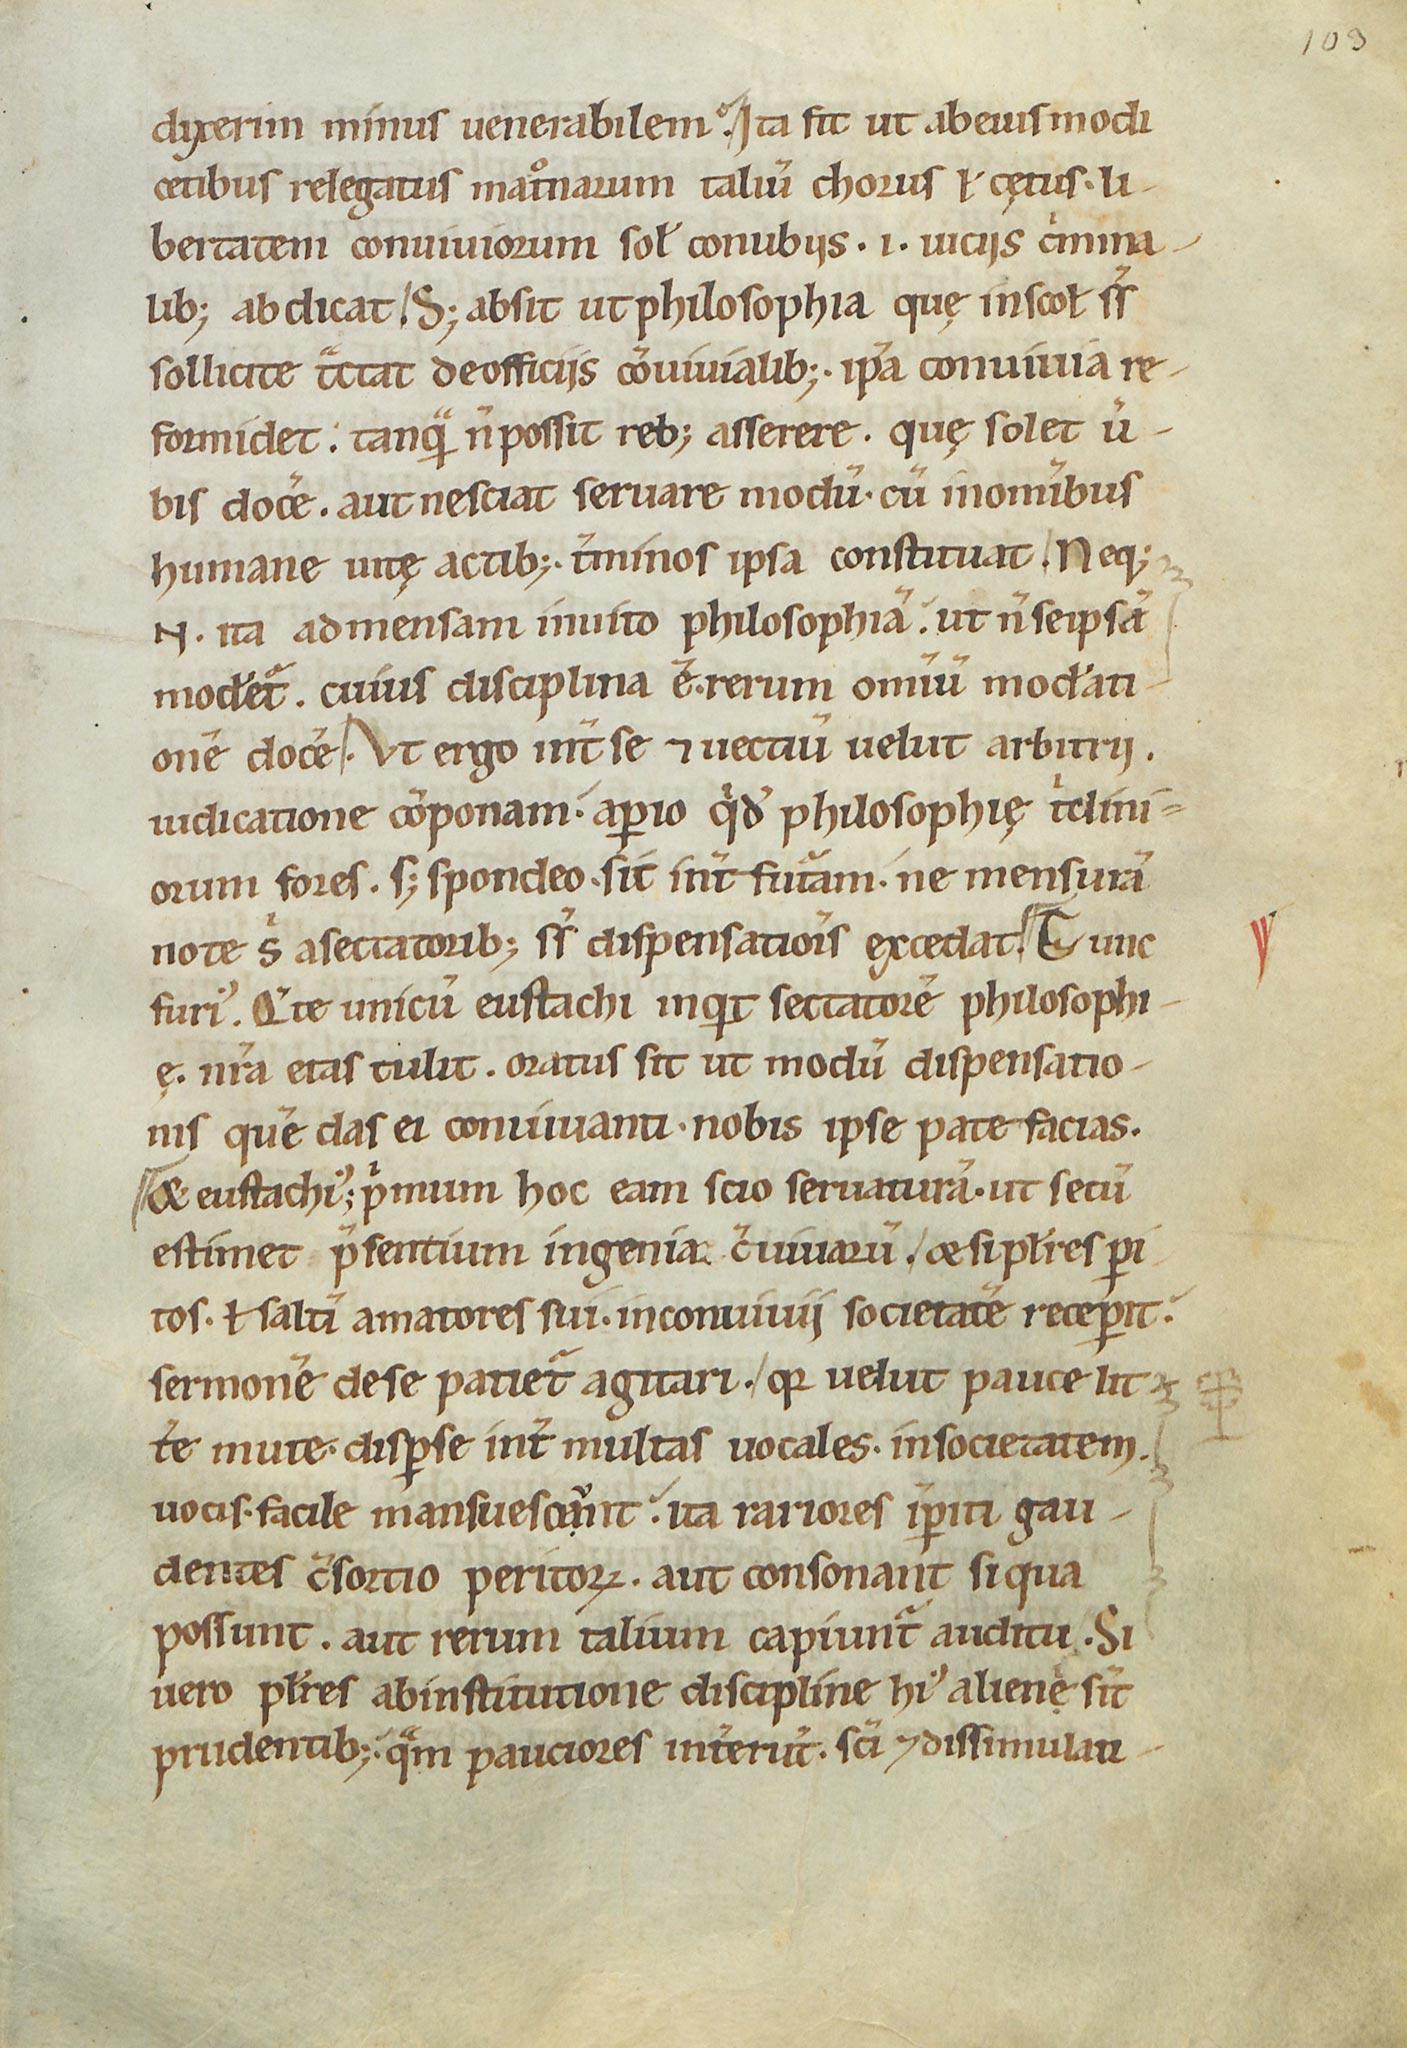 Manuscrit-Saturnales-103r°